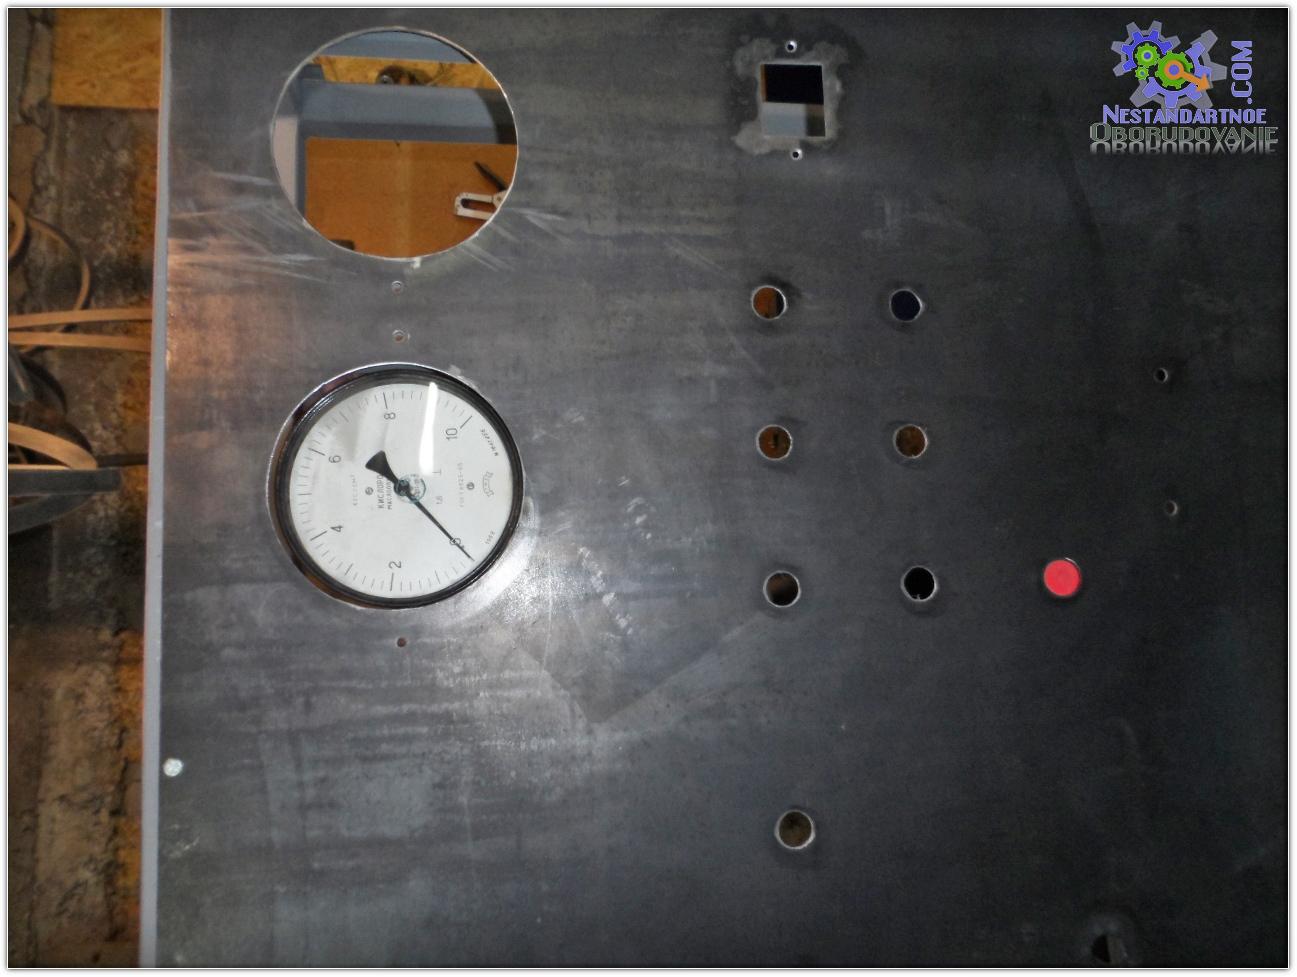 тенд для Ремонта и Проверки топлевных насосов Судовых Двигателей